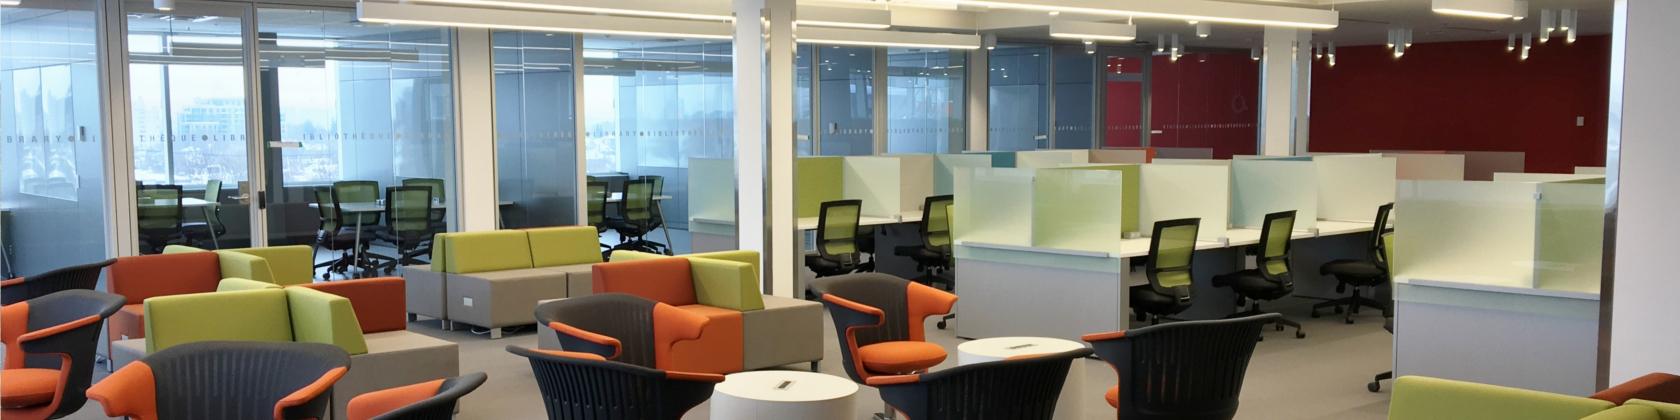 Un salon d'étude au cinquième étage du Carrefour d'apprentissage